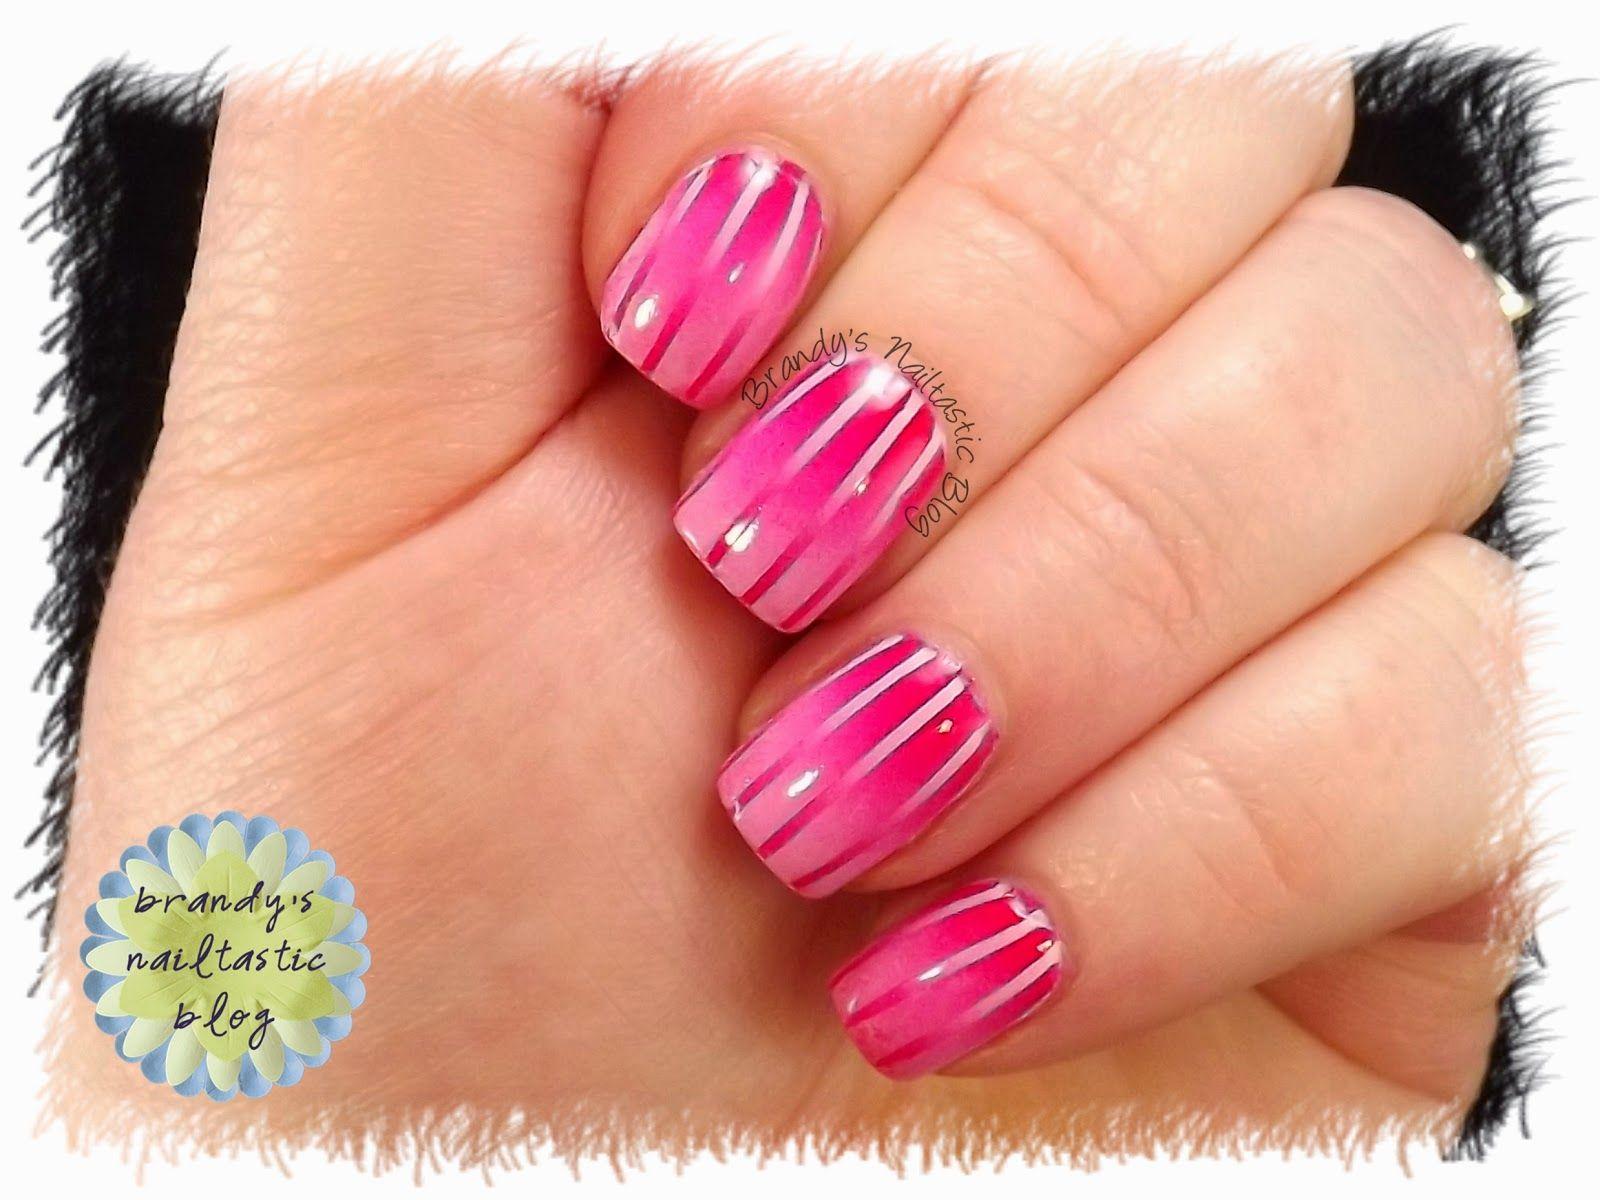 Brandy\'s Nailtastic Blog: Stripes #2 | My Nail Art | Pinterest